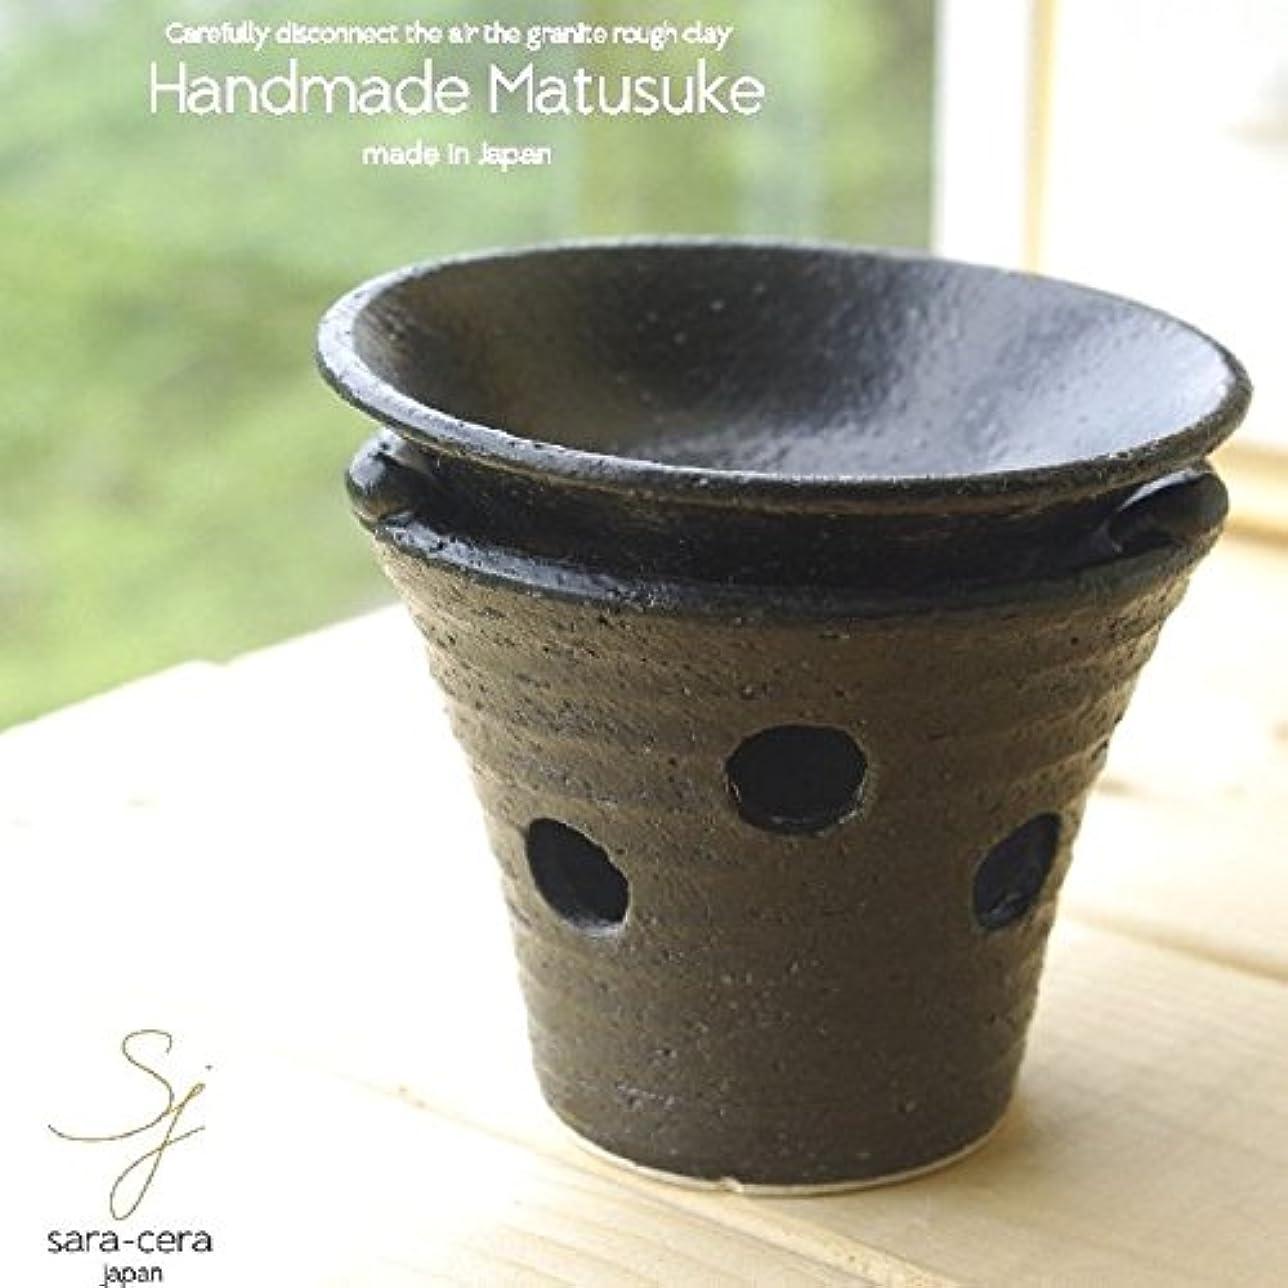 反射養う対応する松助窯 手作り茶香炉セット 黒釉 ブラック アロマ 和食器 リビング